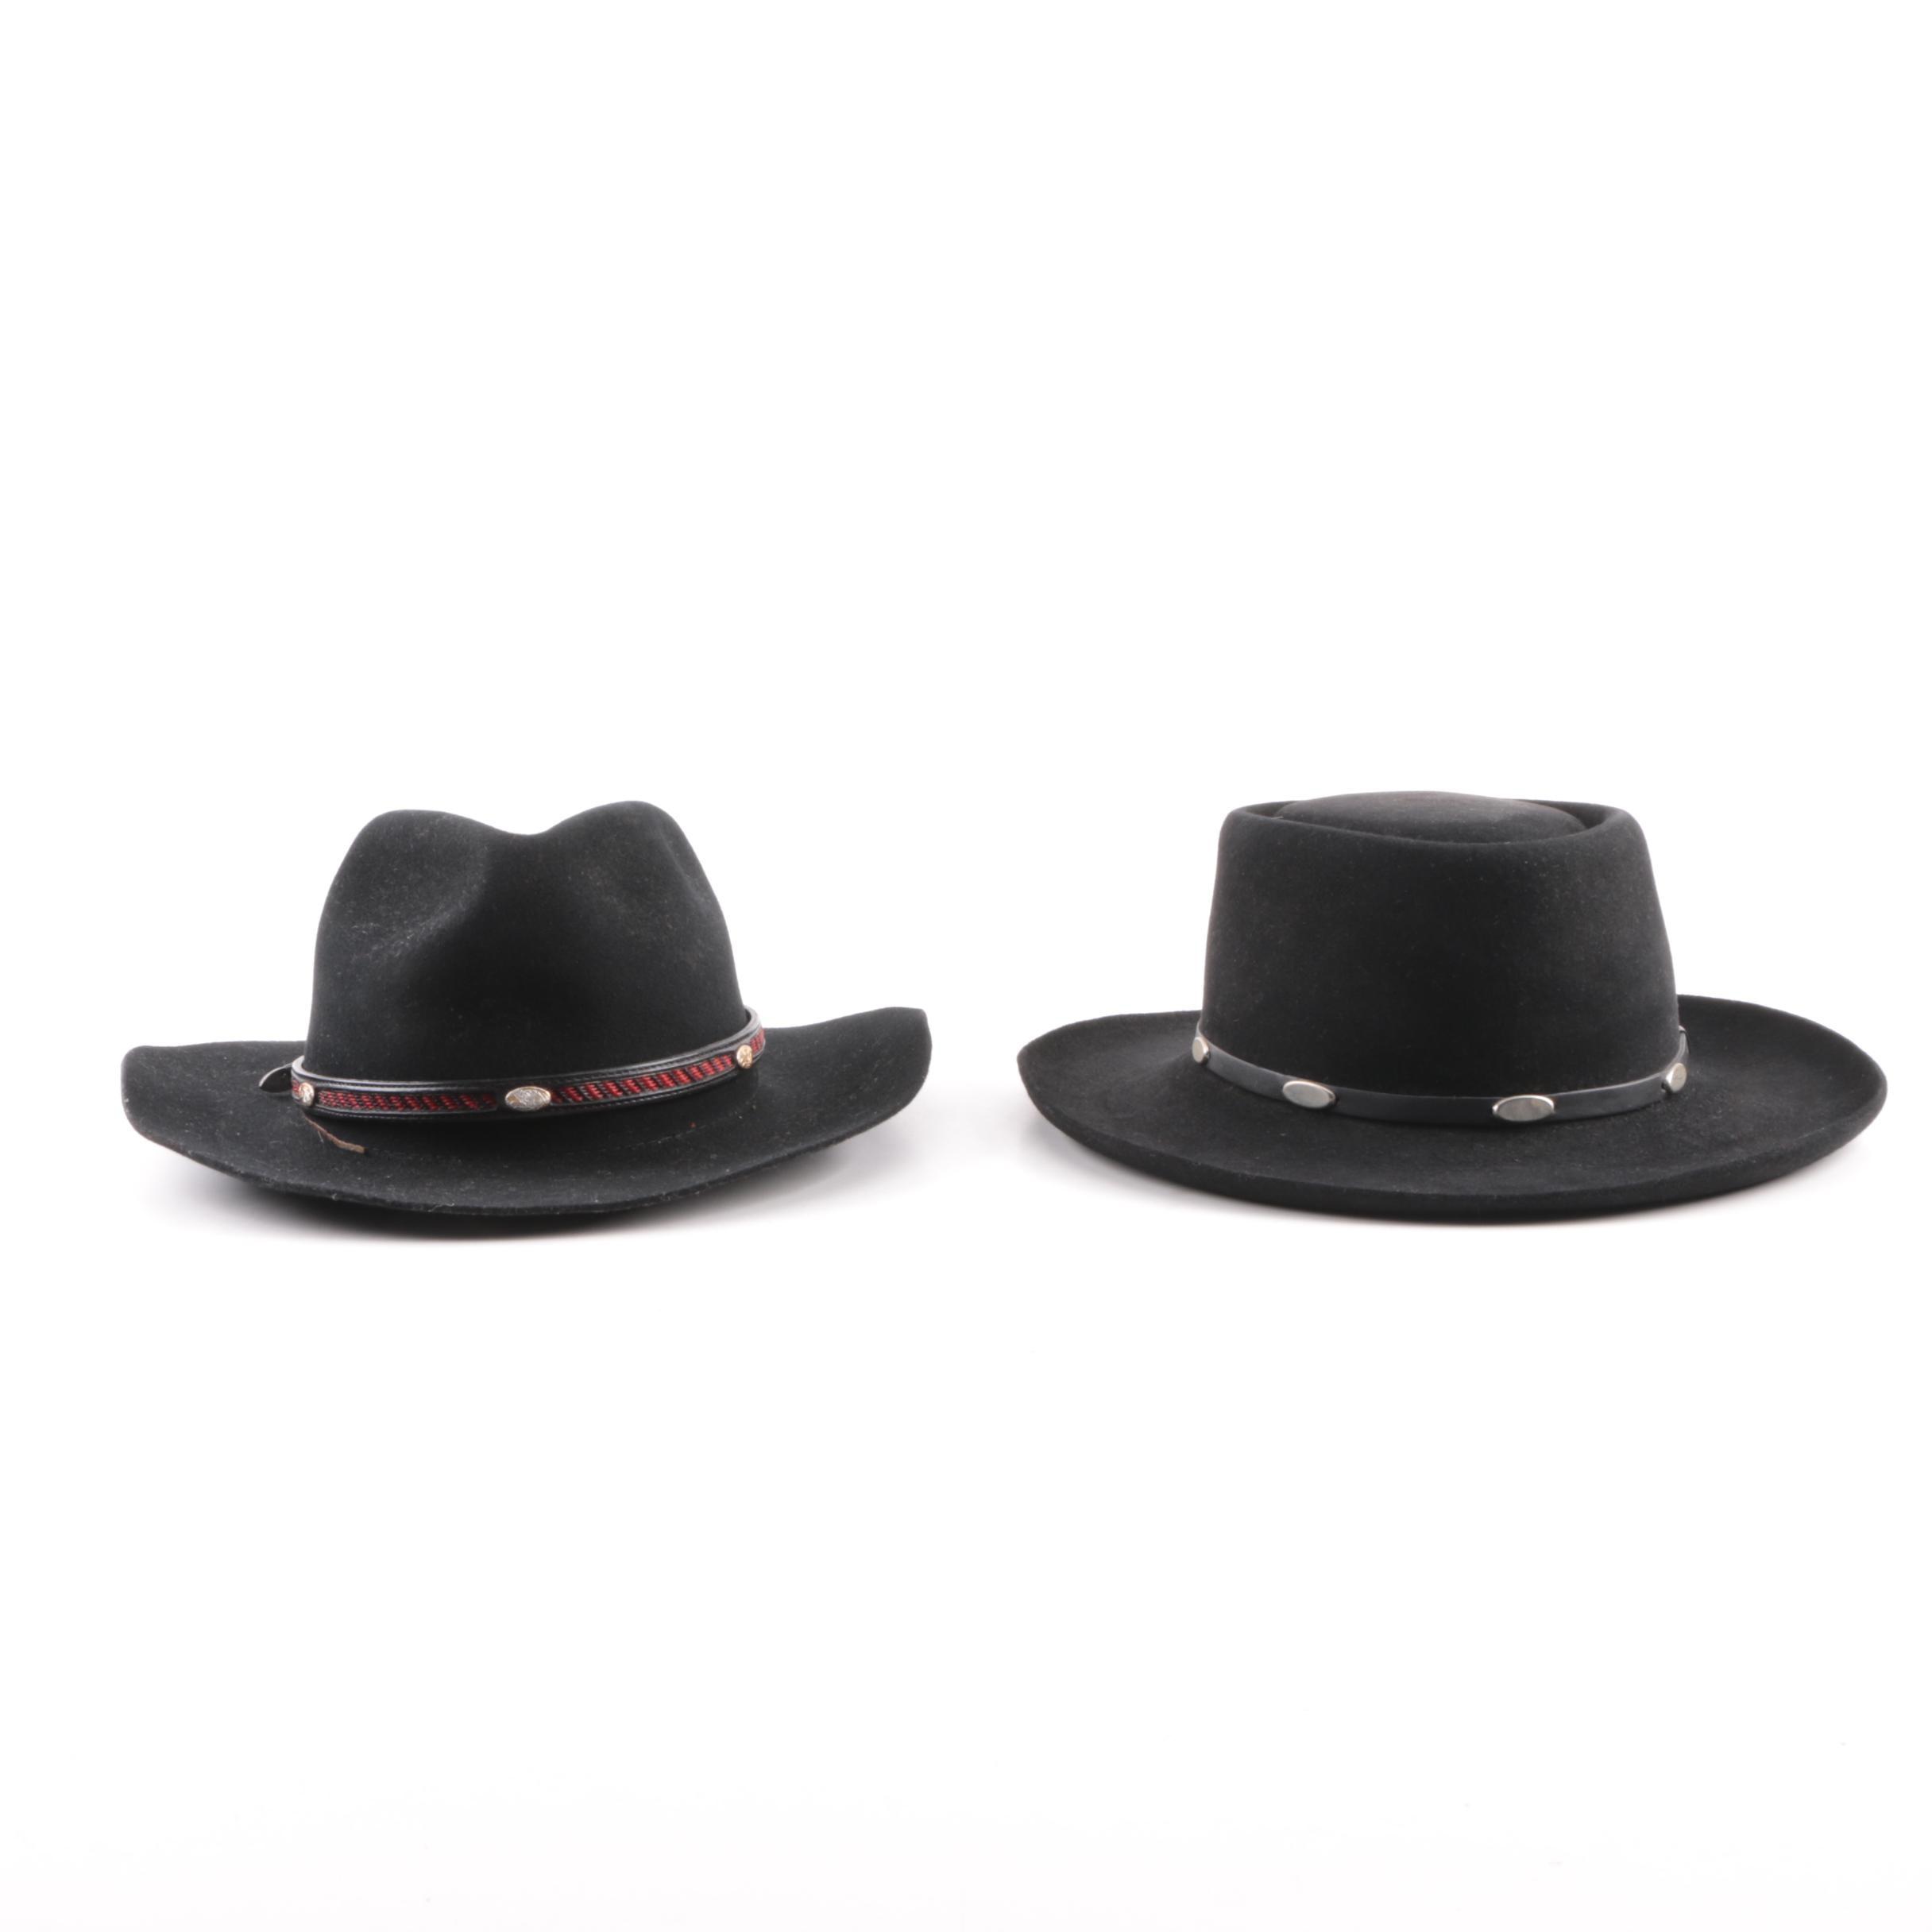 Men's Vintage Stetson Black Felted Western Hats